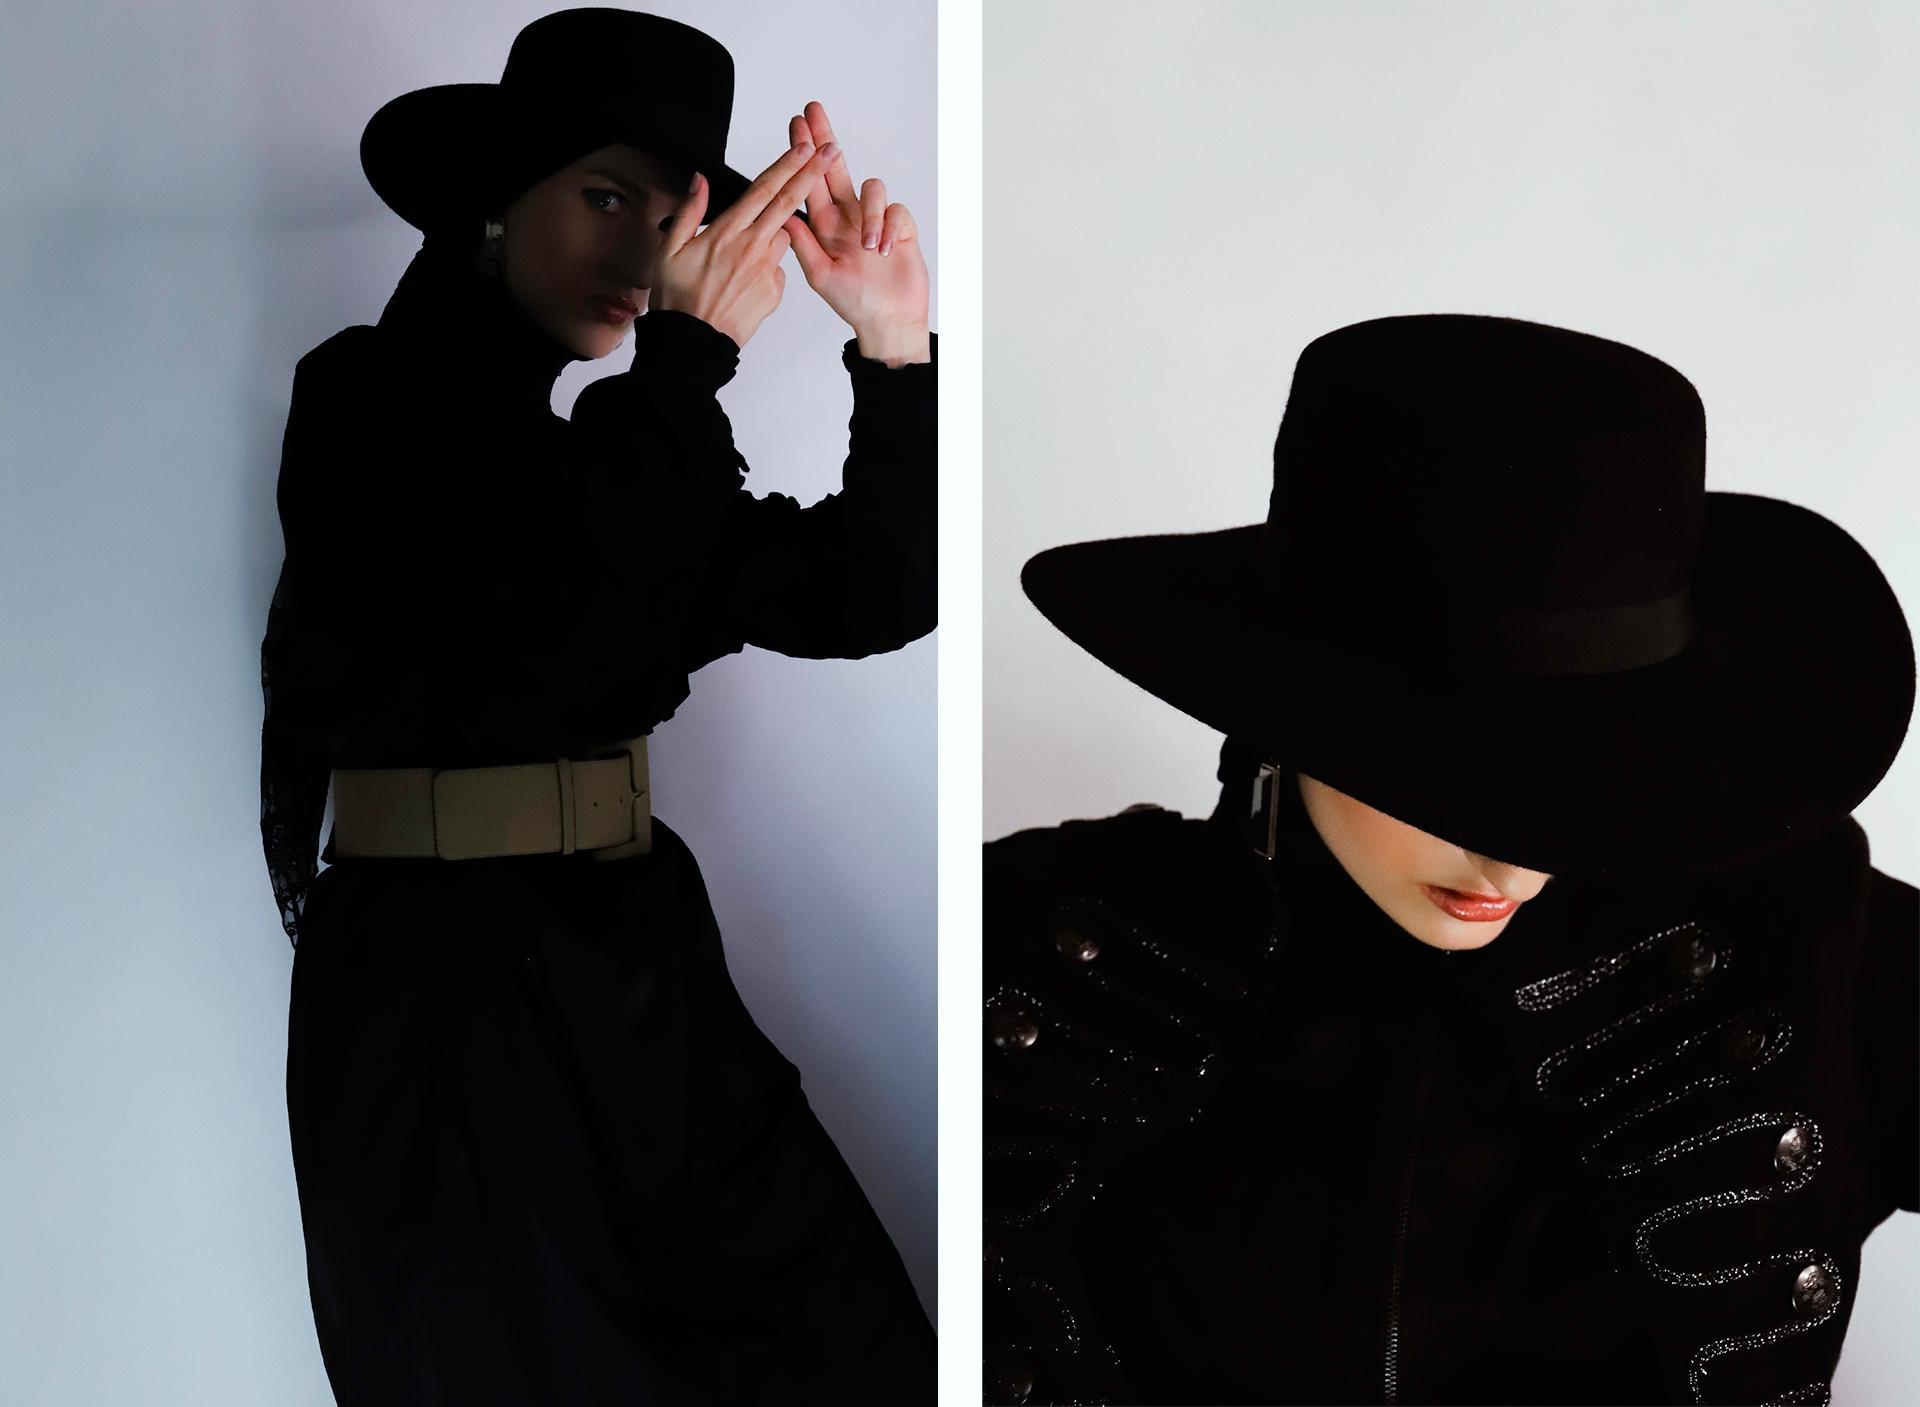 Obraz przedstawia dwa zdjęcia kobiety ubranej w czarny strój i czarny kapelusz.